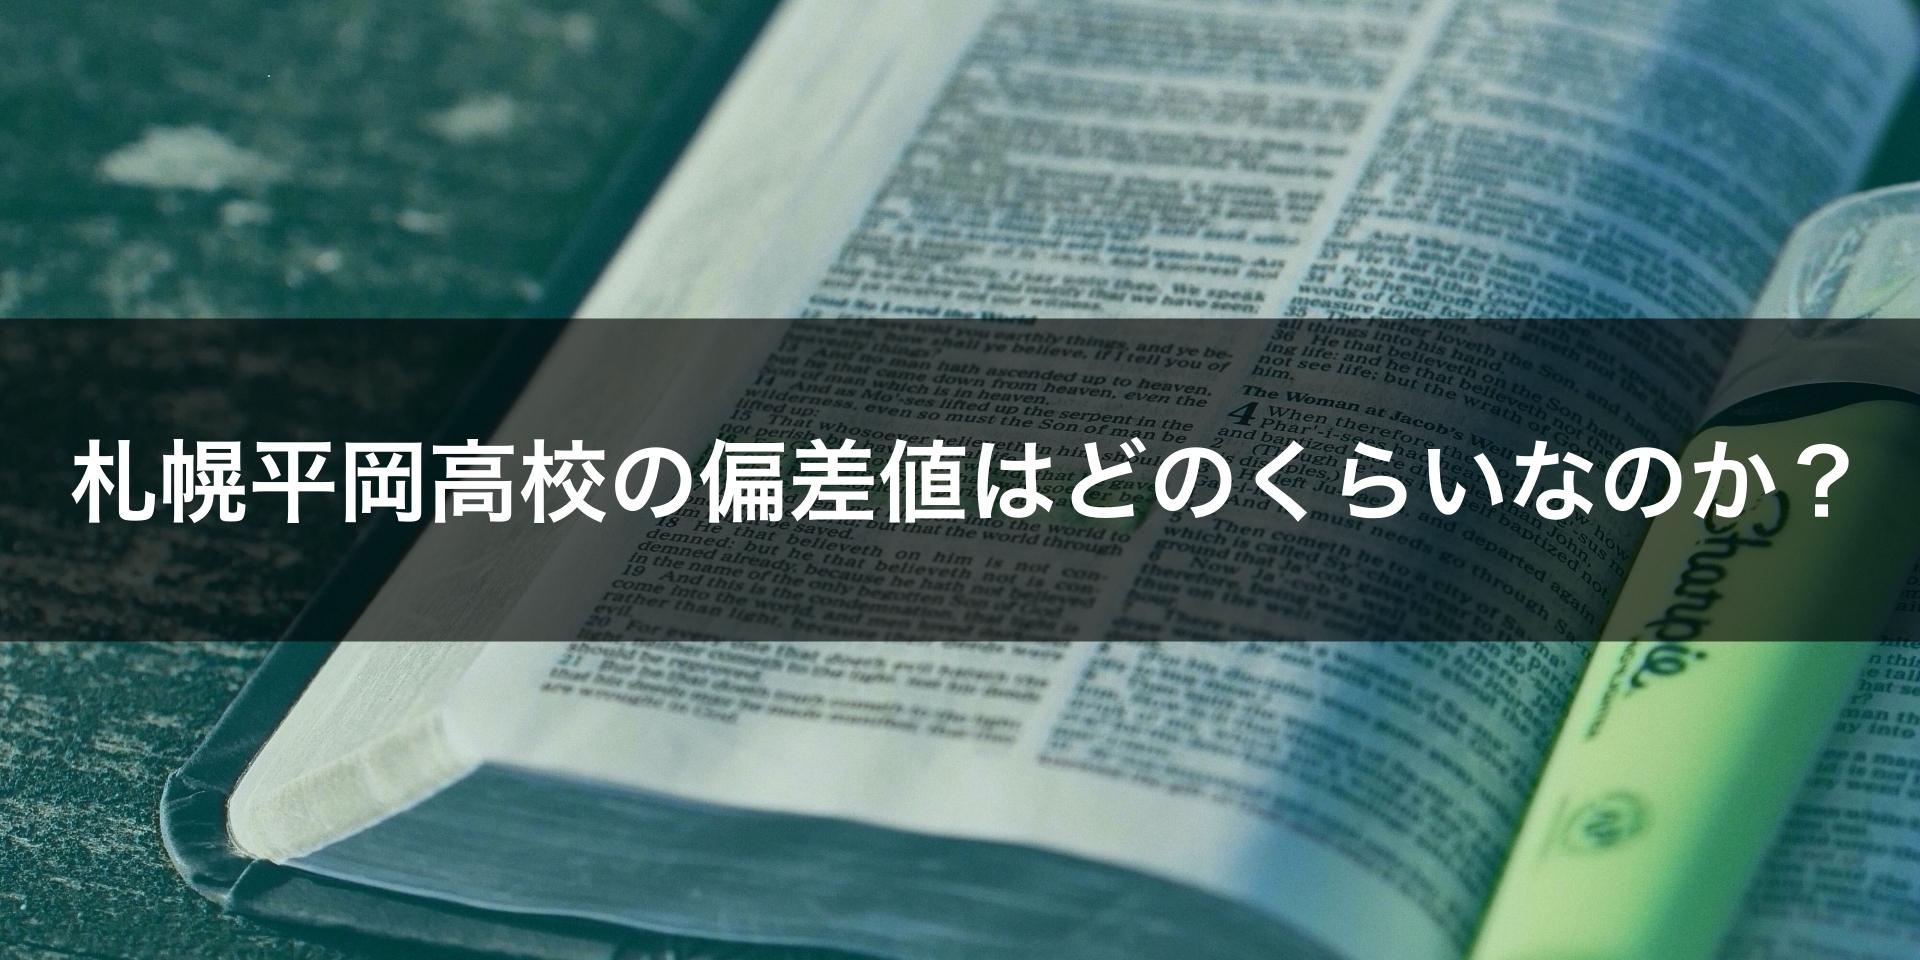 札幌平岡高校の偏差値はどのくらいなのか?